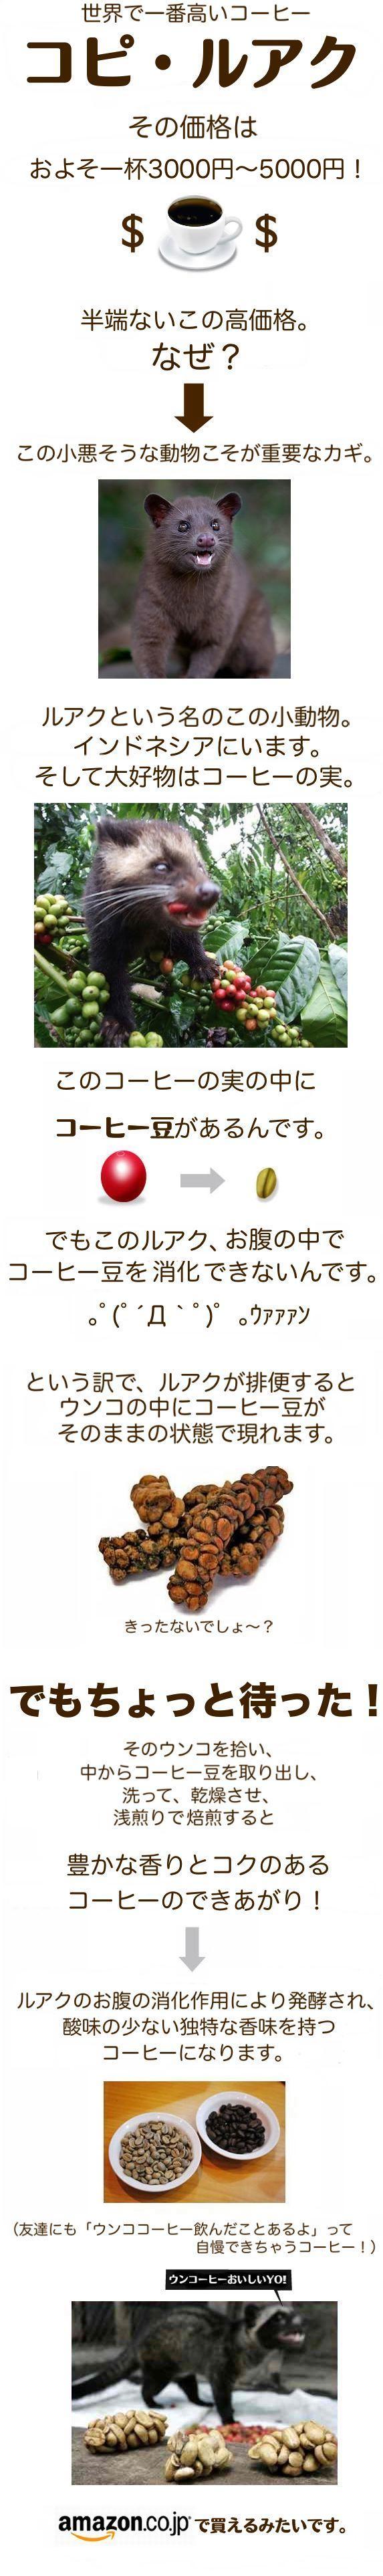 kopi_image